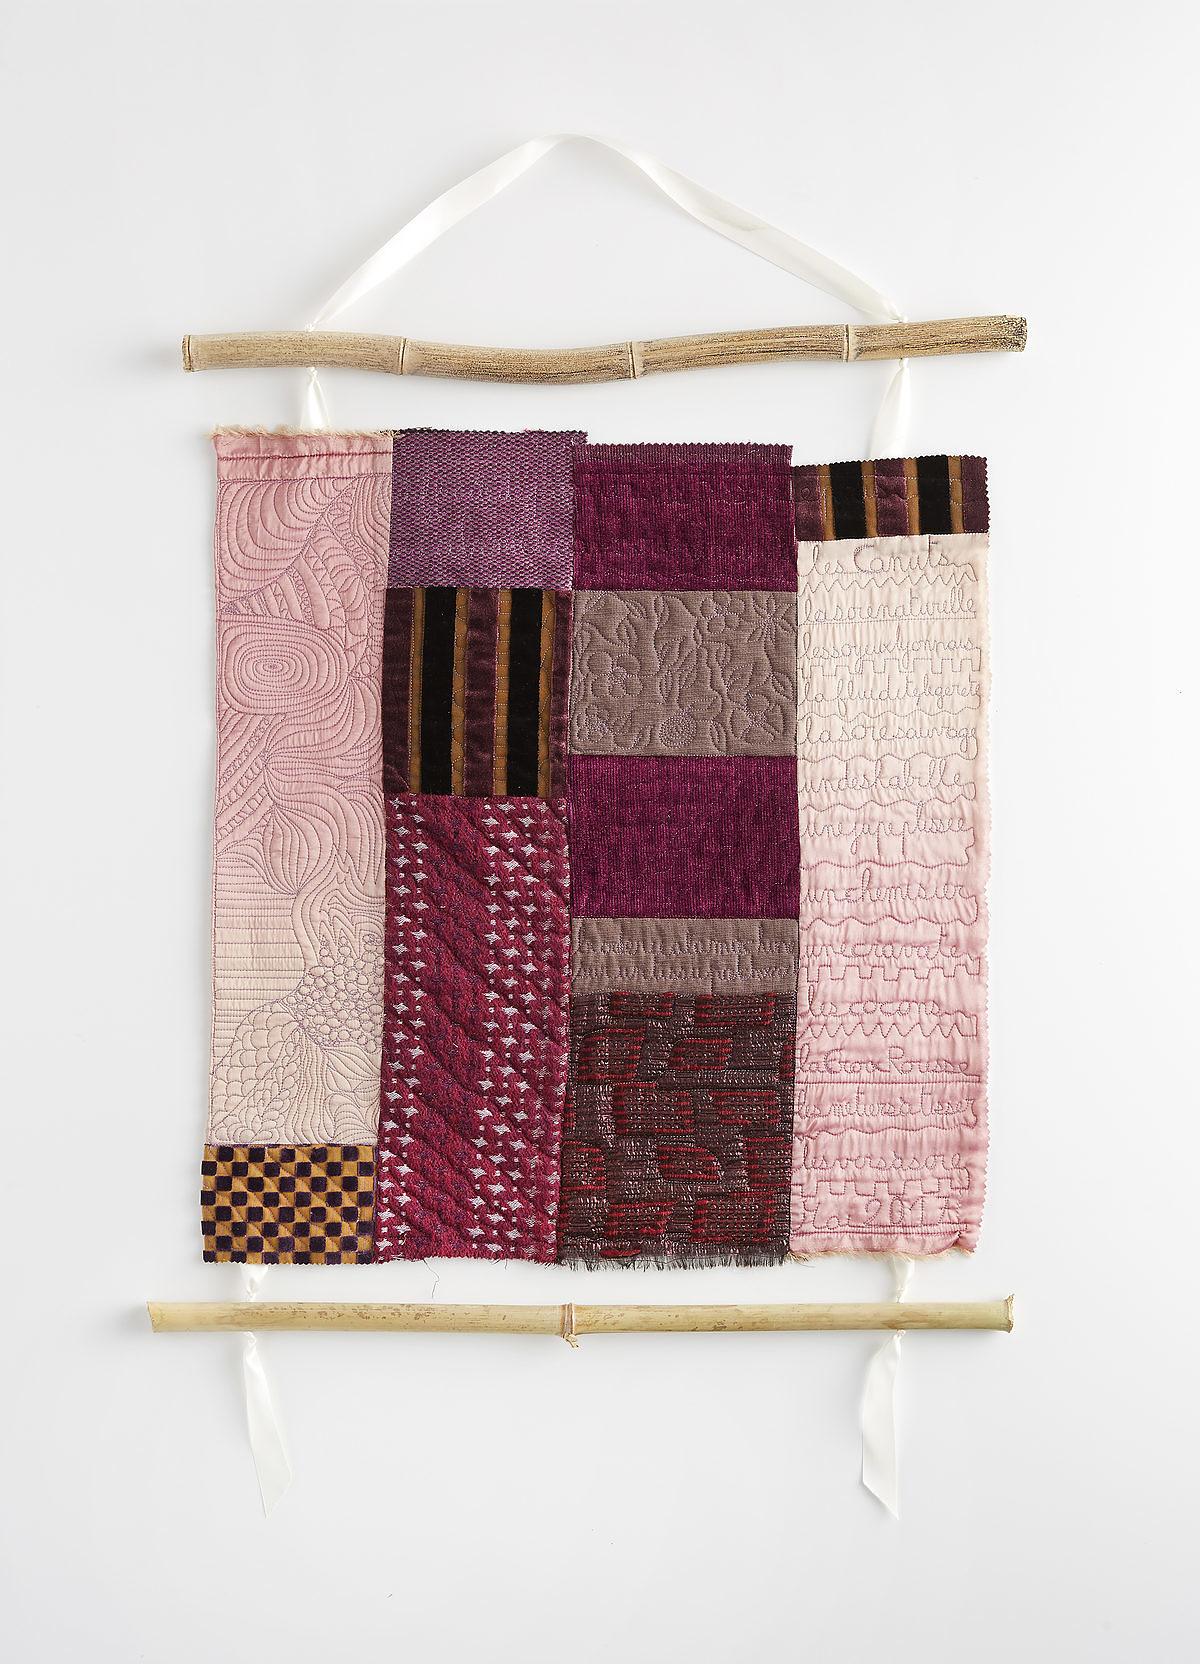 Des Tableauxpanneaux Textiles Pour La Fête Des Mères Saxe